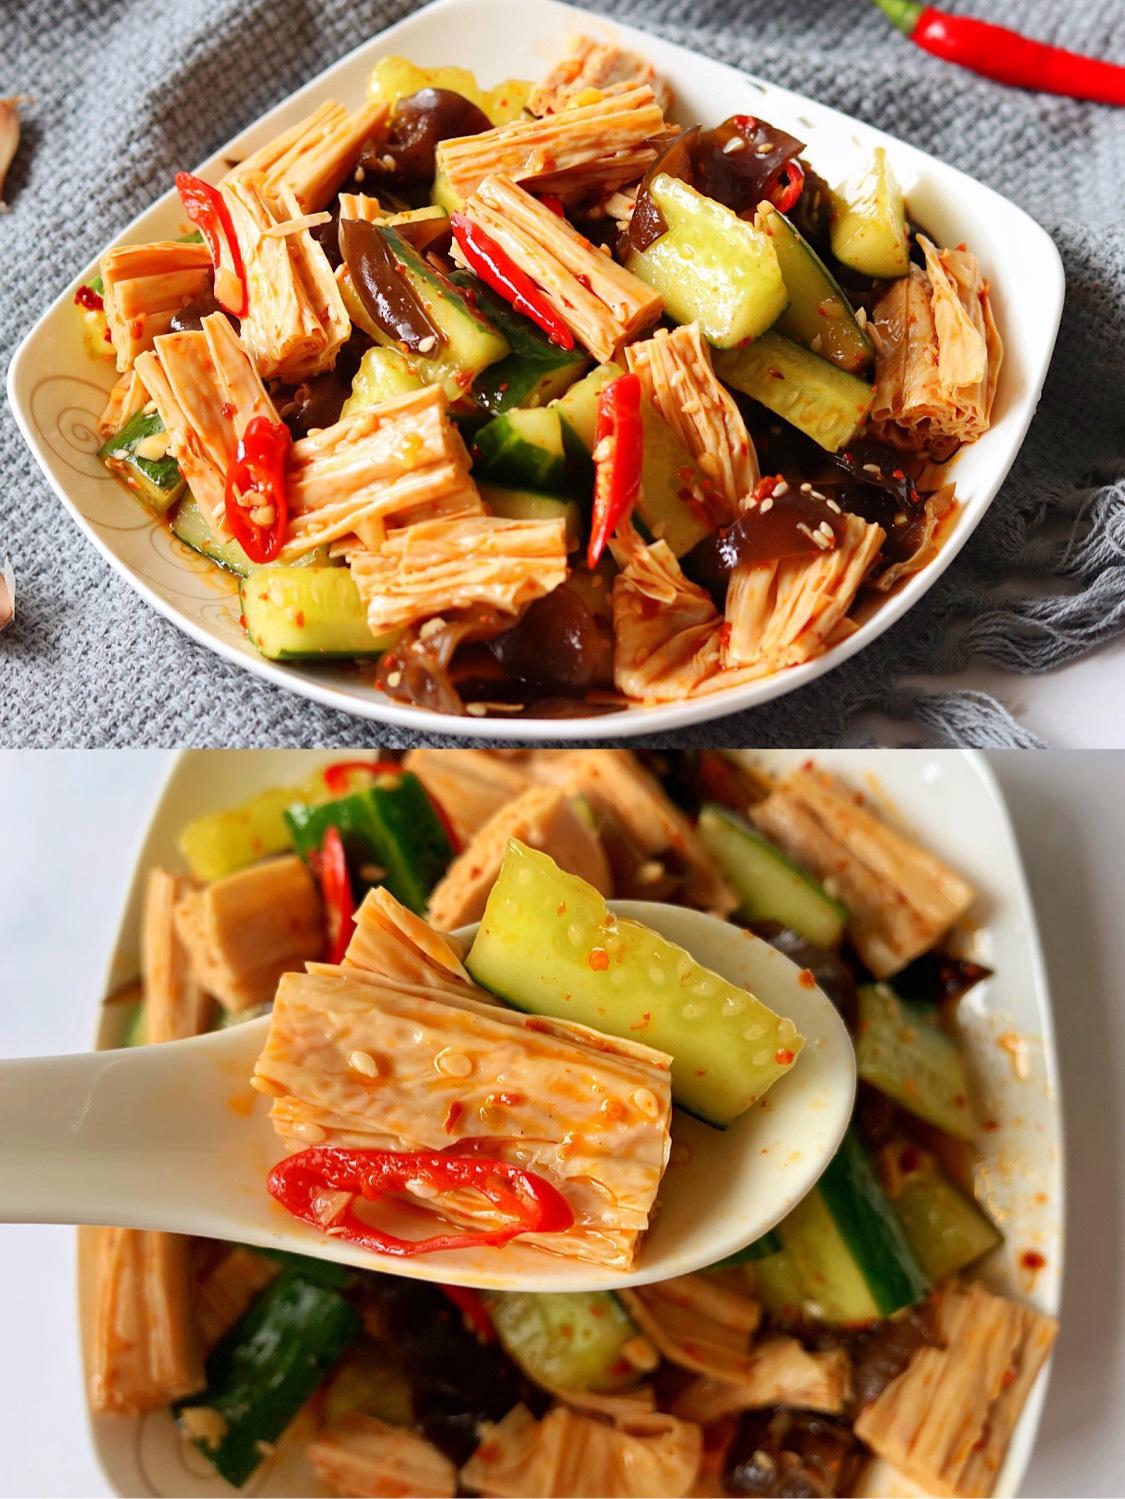 凉拌黄瓜腐竹连吃三天都不腻的凉拌菜‼